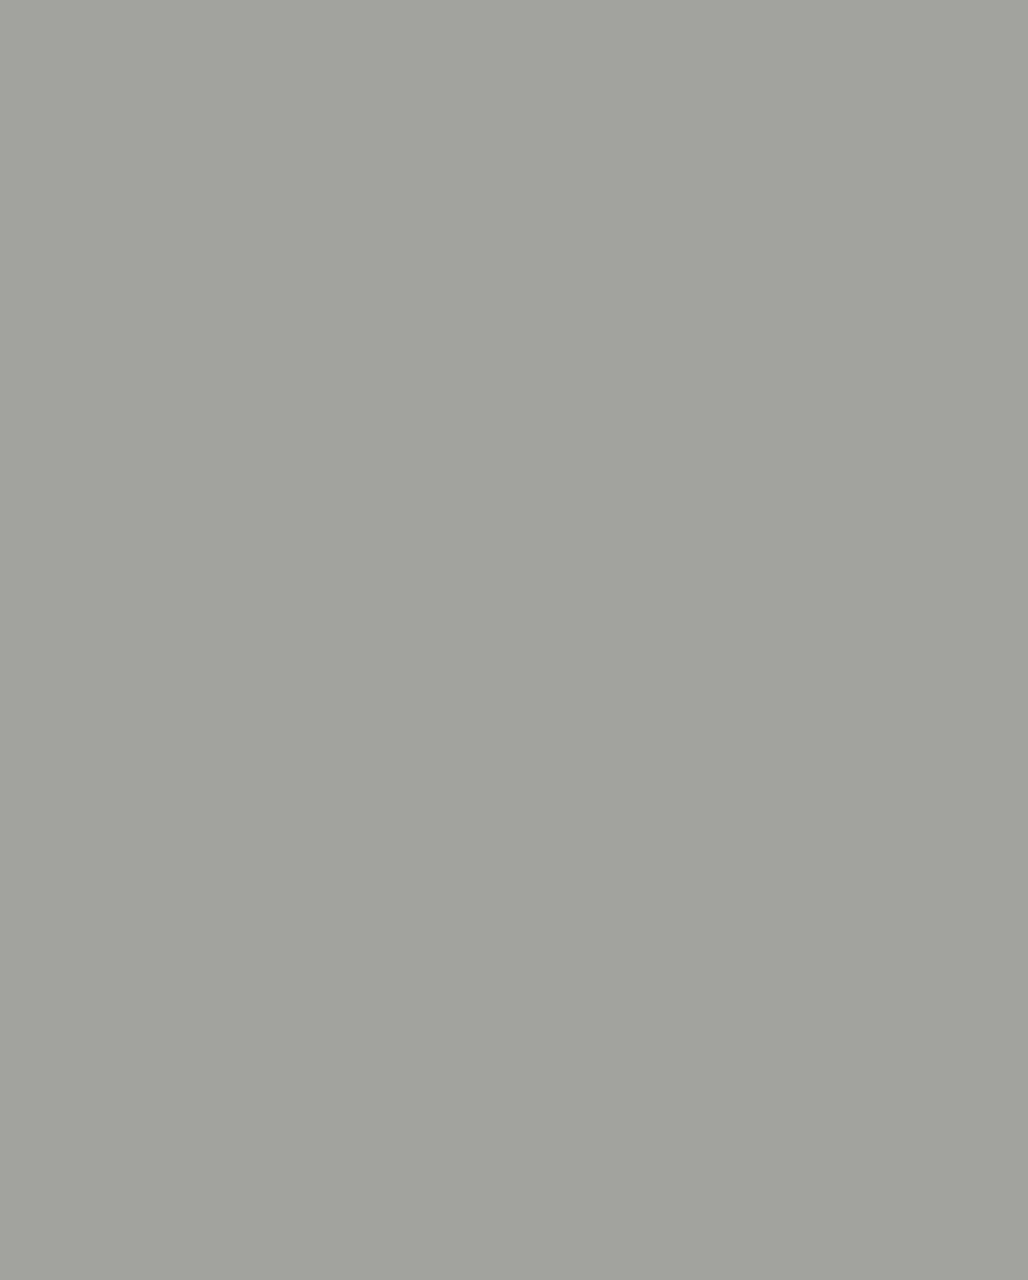 0197 Chinchilla Grey (MF PB sample)